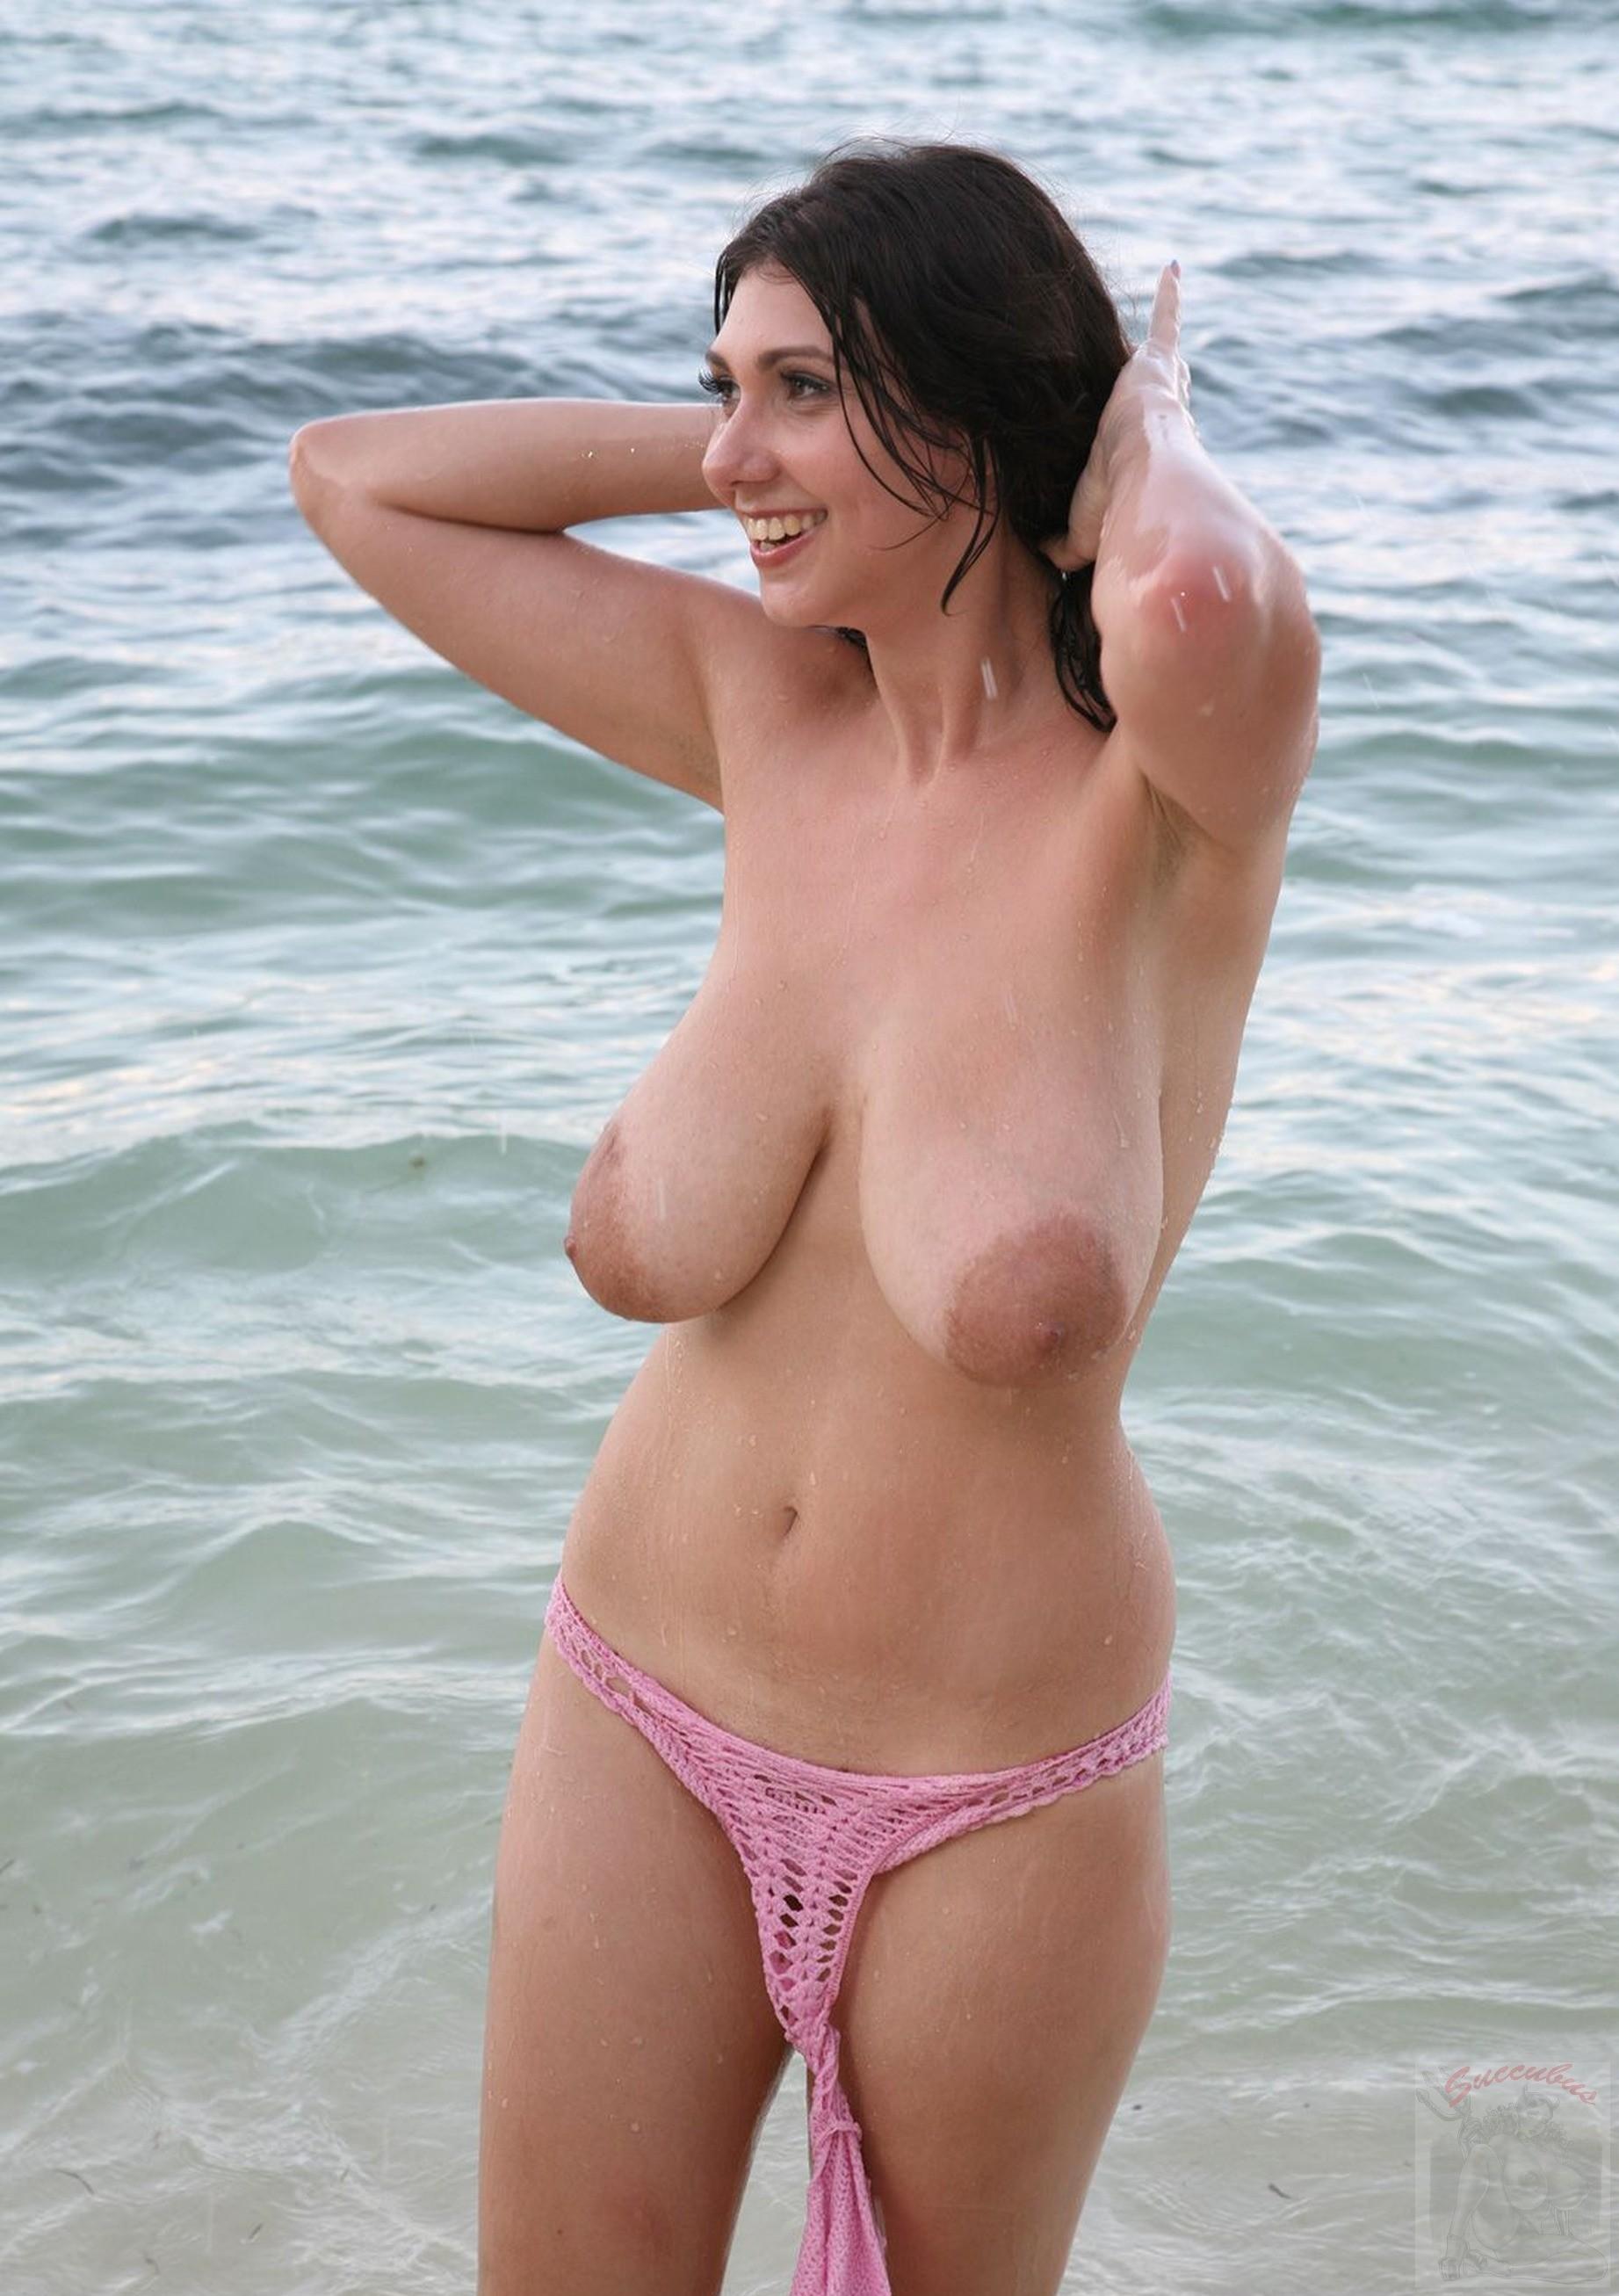 Брюнетка с натуральной грудью показывает себя на пляже – она действительно выглядит обалденно